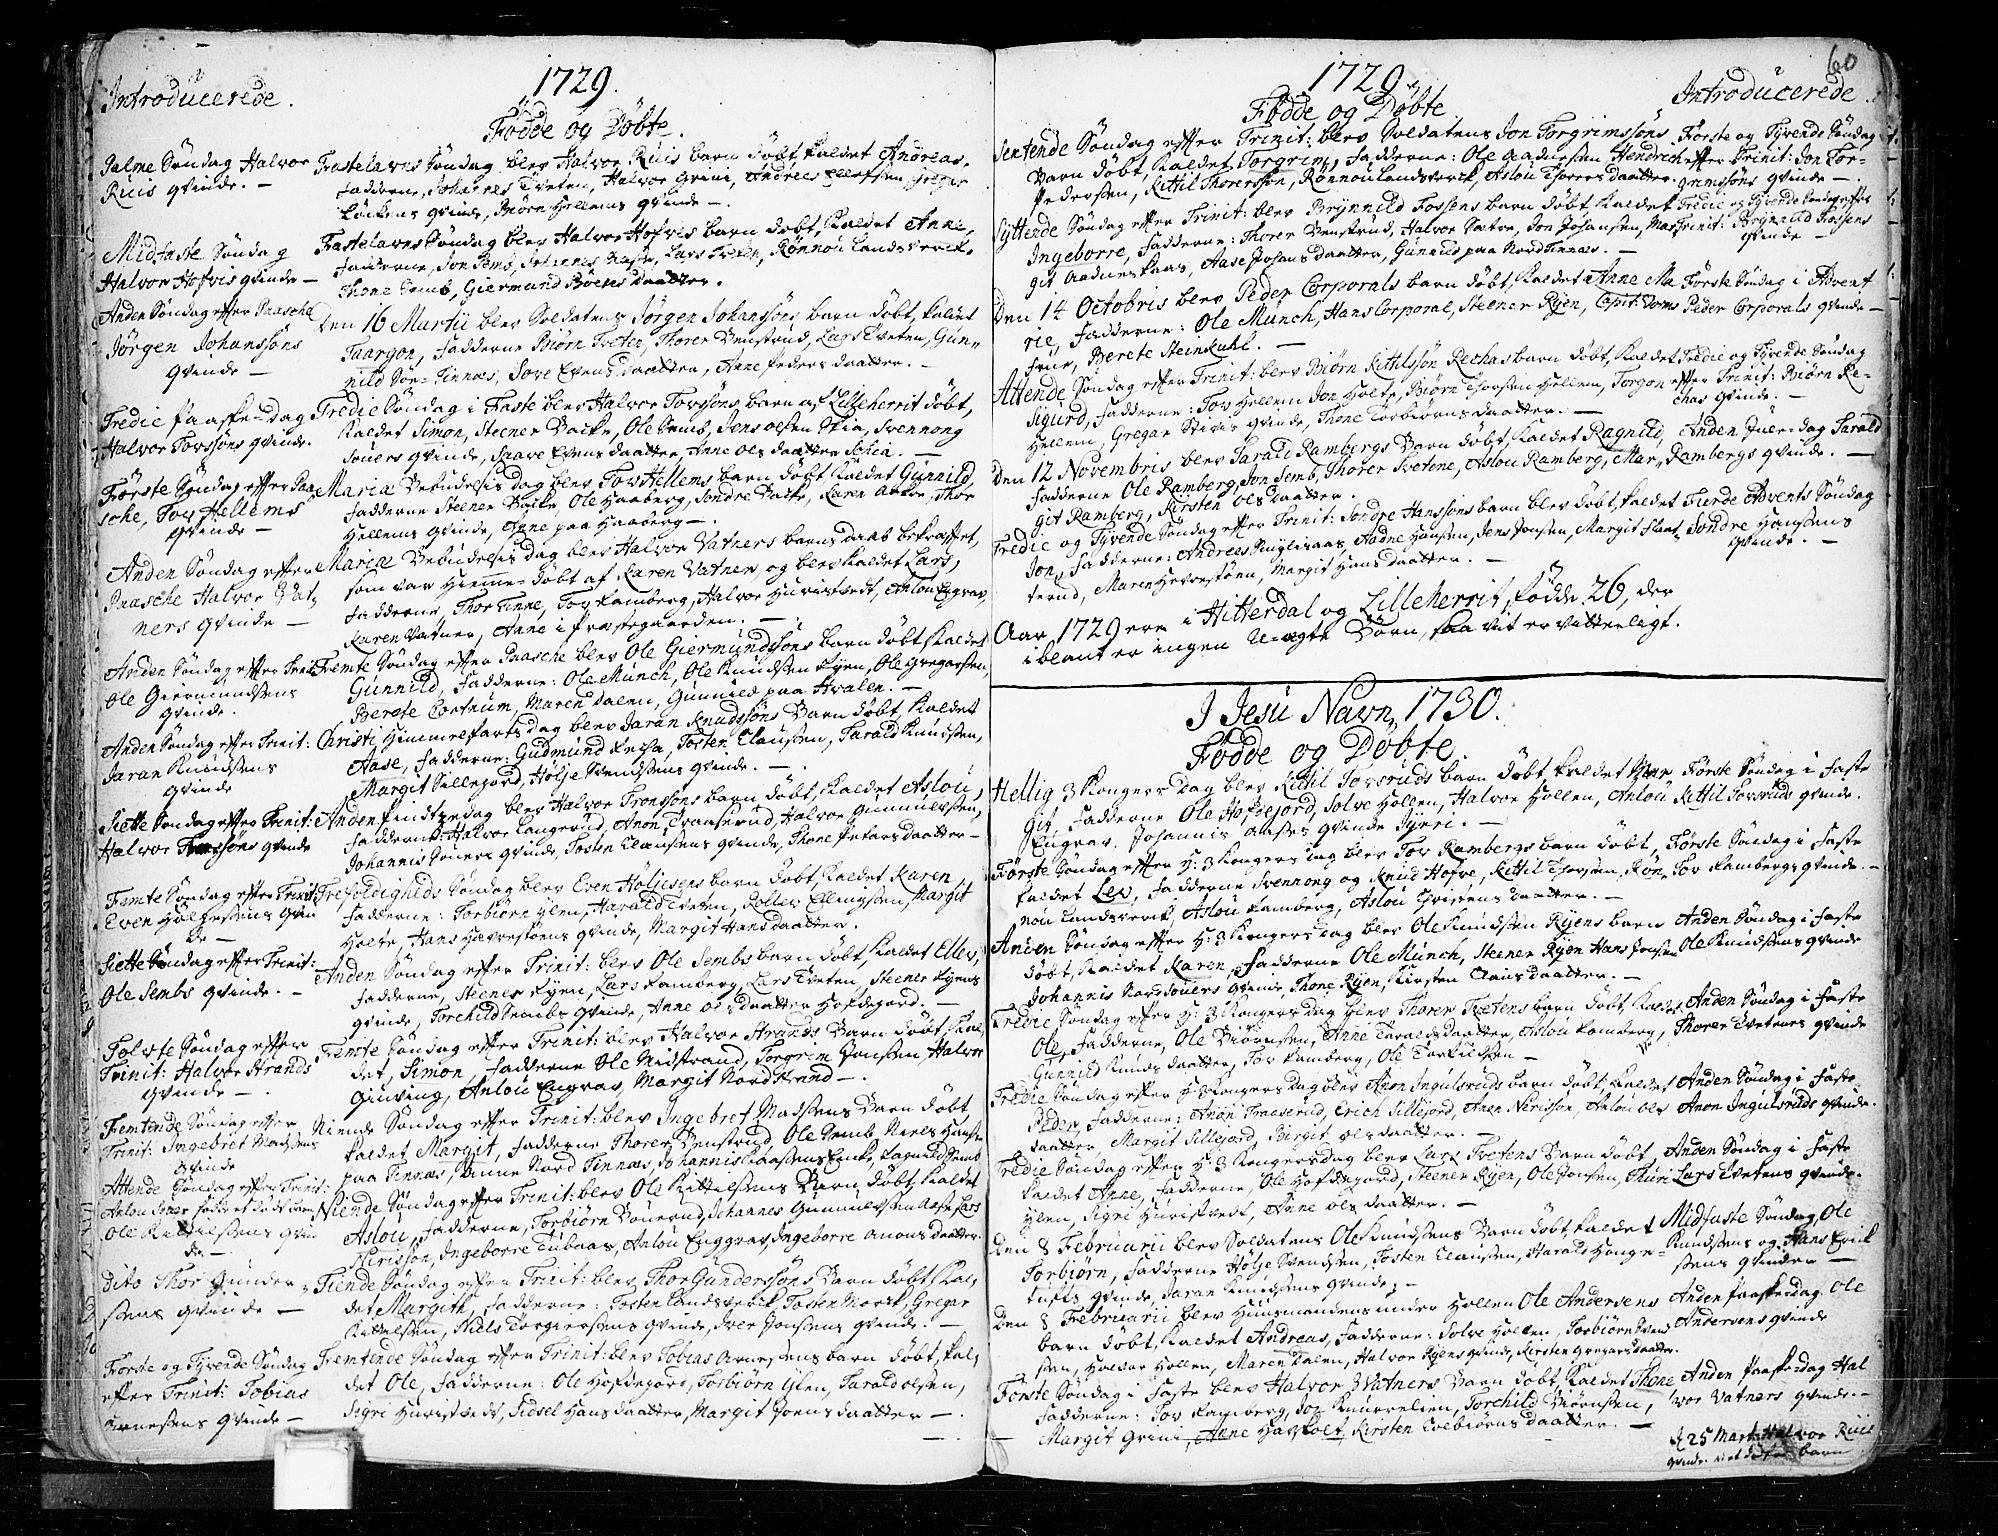 SAKO, Heddal kirkebøker, F/Fa/L0003: Ministerialbok nr. I 3, 1723-1783, s. 60